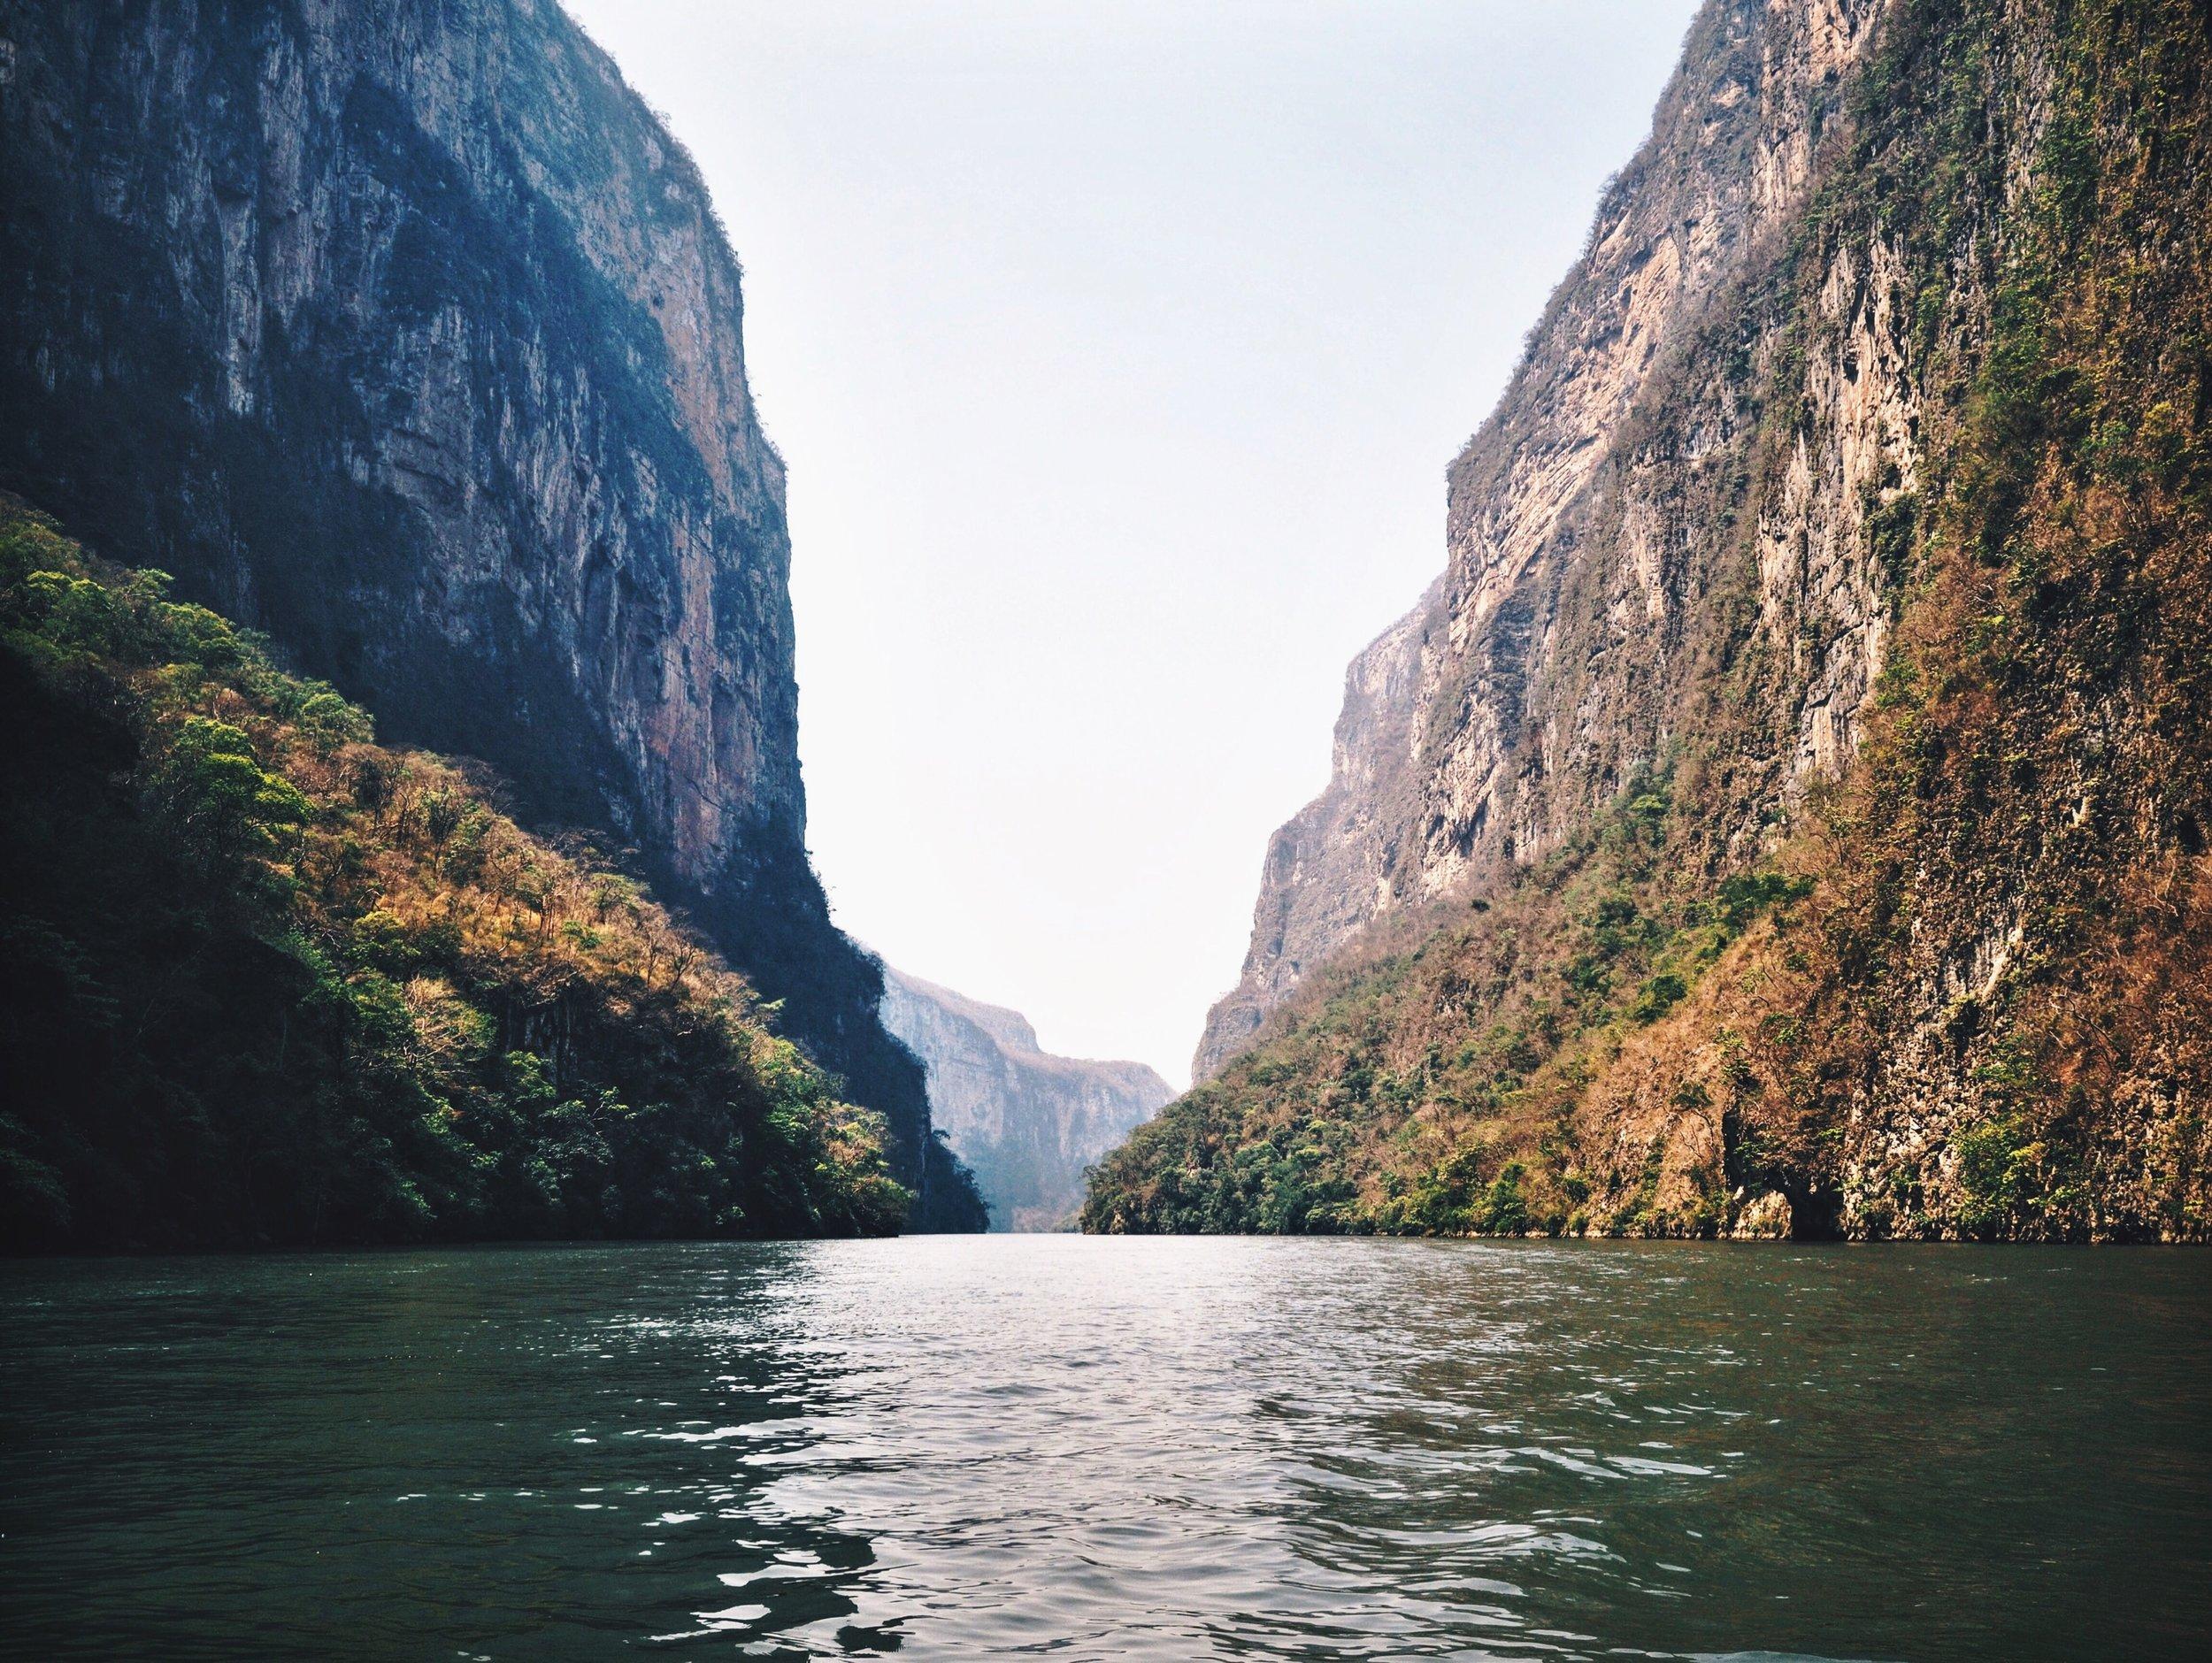 One mile high, Cañon del Sumidero